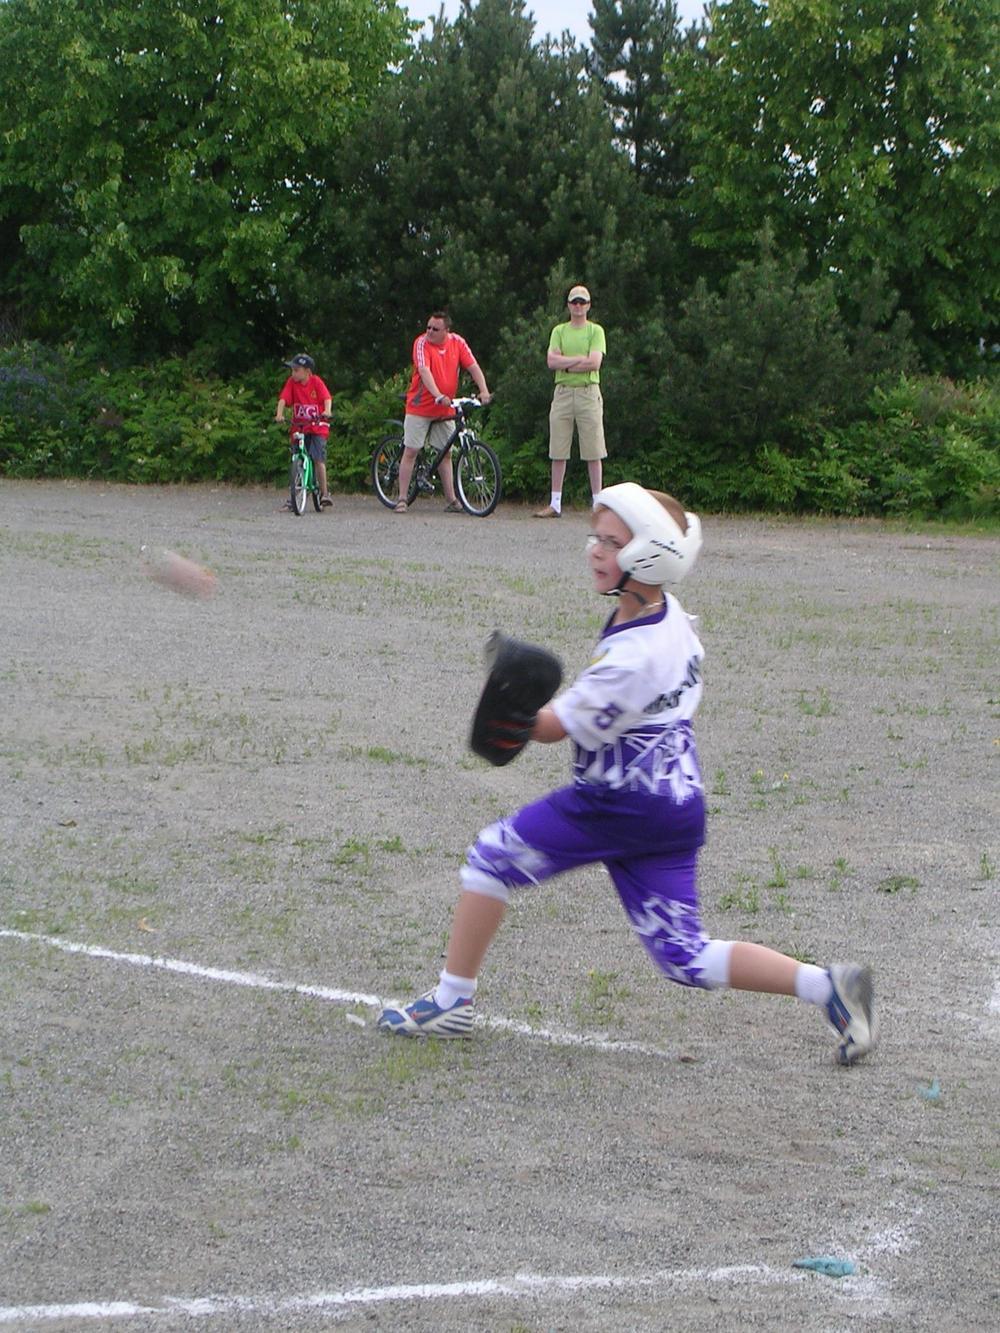 Niklas Marjamäki kiinniottamassa palloa lukkarina. Niklas on 11v ja pelaa myös polttolinjalla.